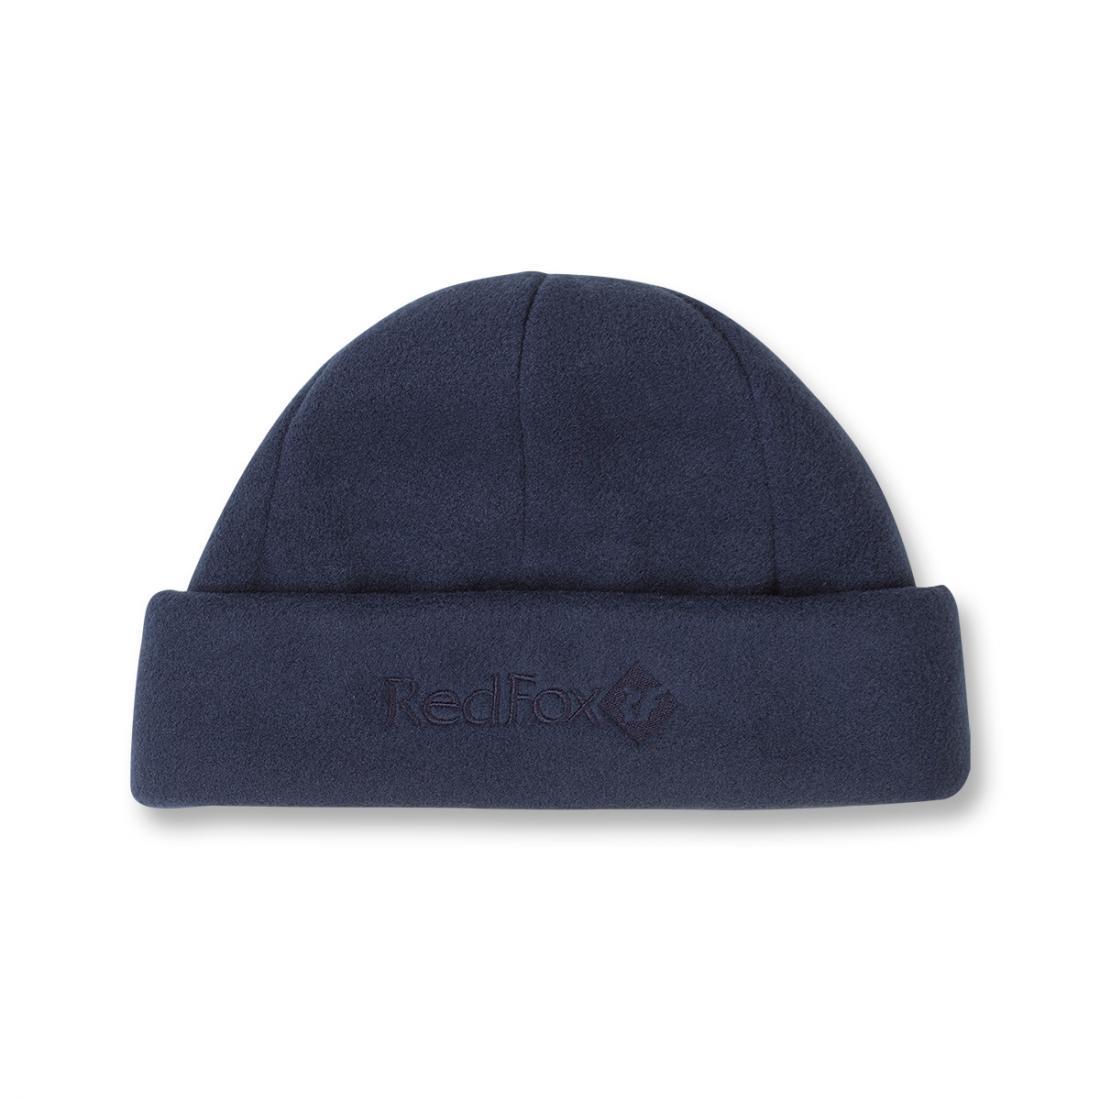 Шапка Polartec ClassicШапки<br><br> Теплая шапка классического дизайна из материала Polartec® 200<br><br><br> Основные характеристики<br><br><br>комфортная посадка<br>эргономичная конструкция кроя<br><br> Особенности<br><br><br><br><br><br>&lt;u...<br><br>Цвет: Синий<br>Размер: 60